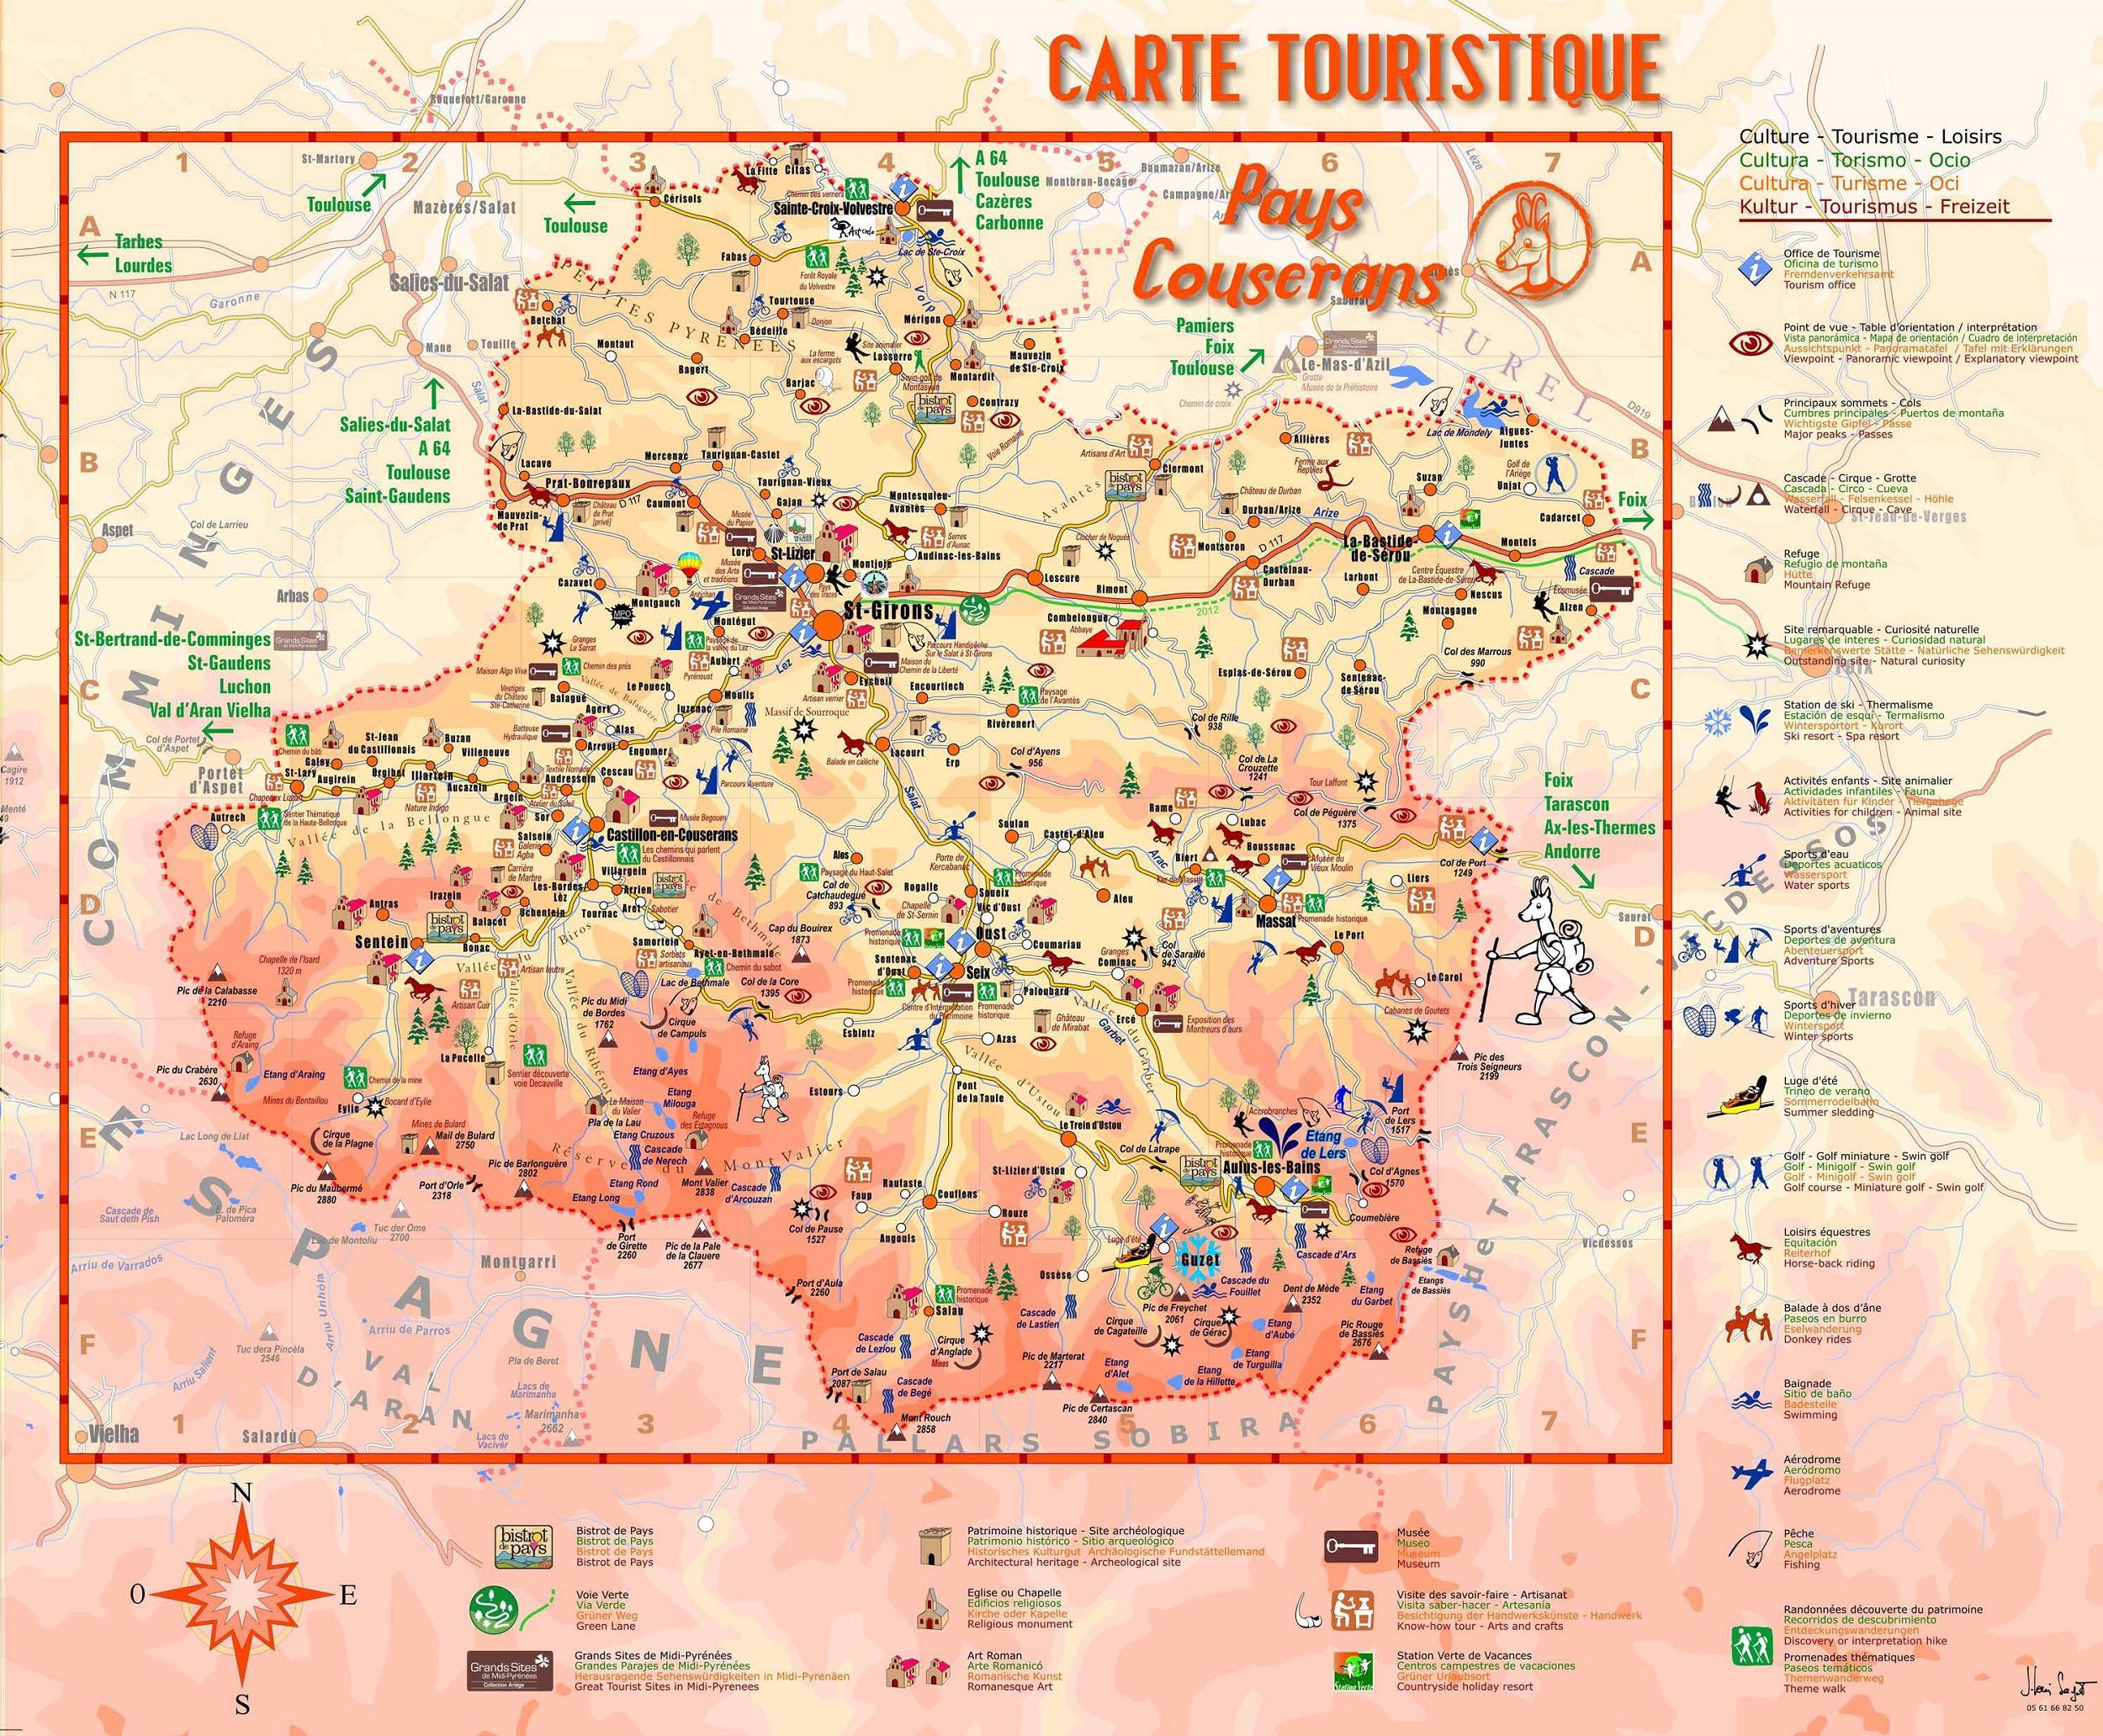 Carte des sites touristiques de l'Ariège